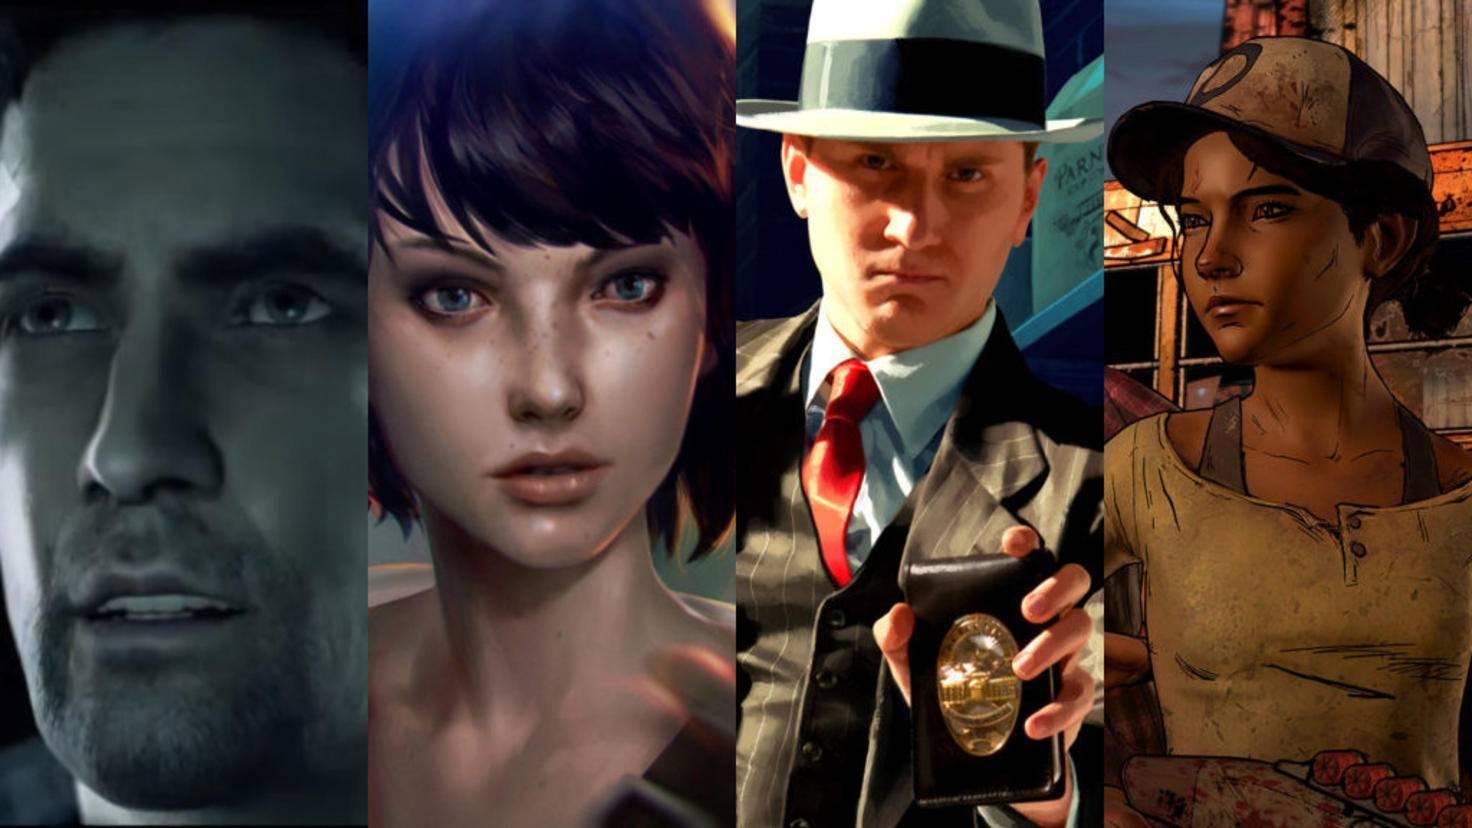 """De """"Alan Wake"""" à """"Telltale's The Walking Dead"""": Il existe de nombreux jeux avec des histoires captivantes - également pour PC et Xbox One!"""